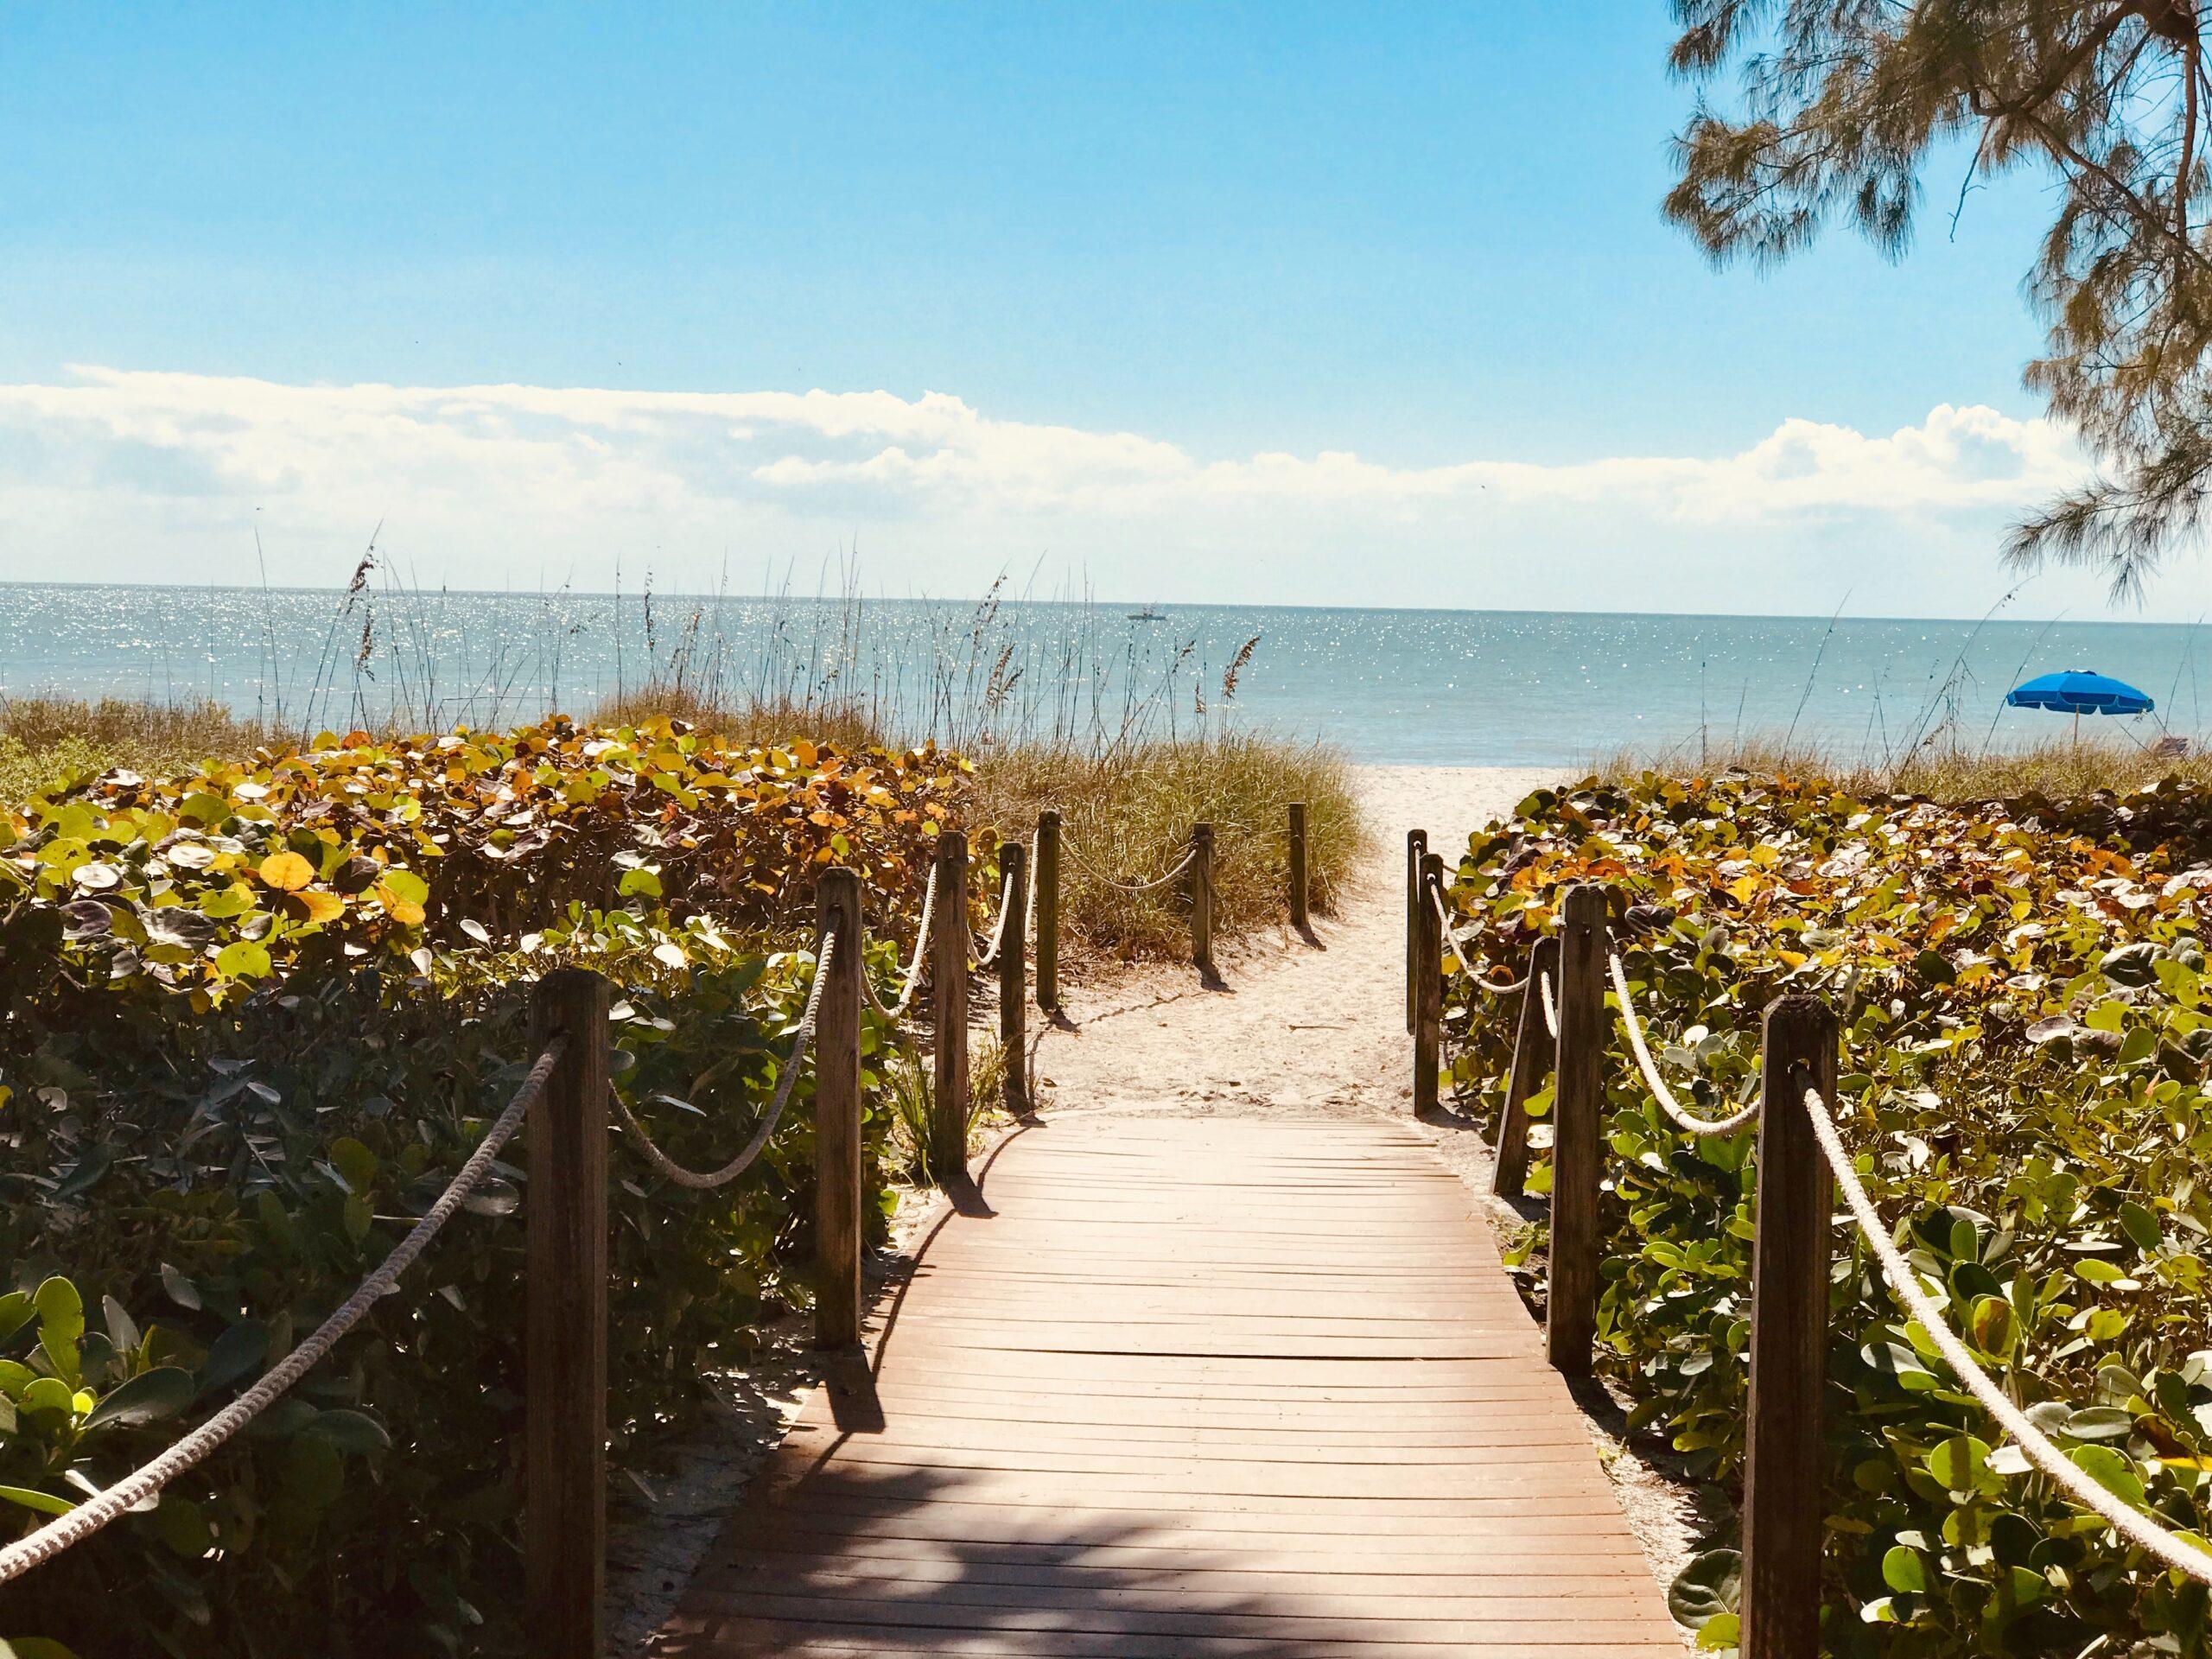 Florida beach addiction treatment